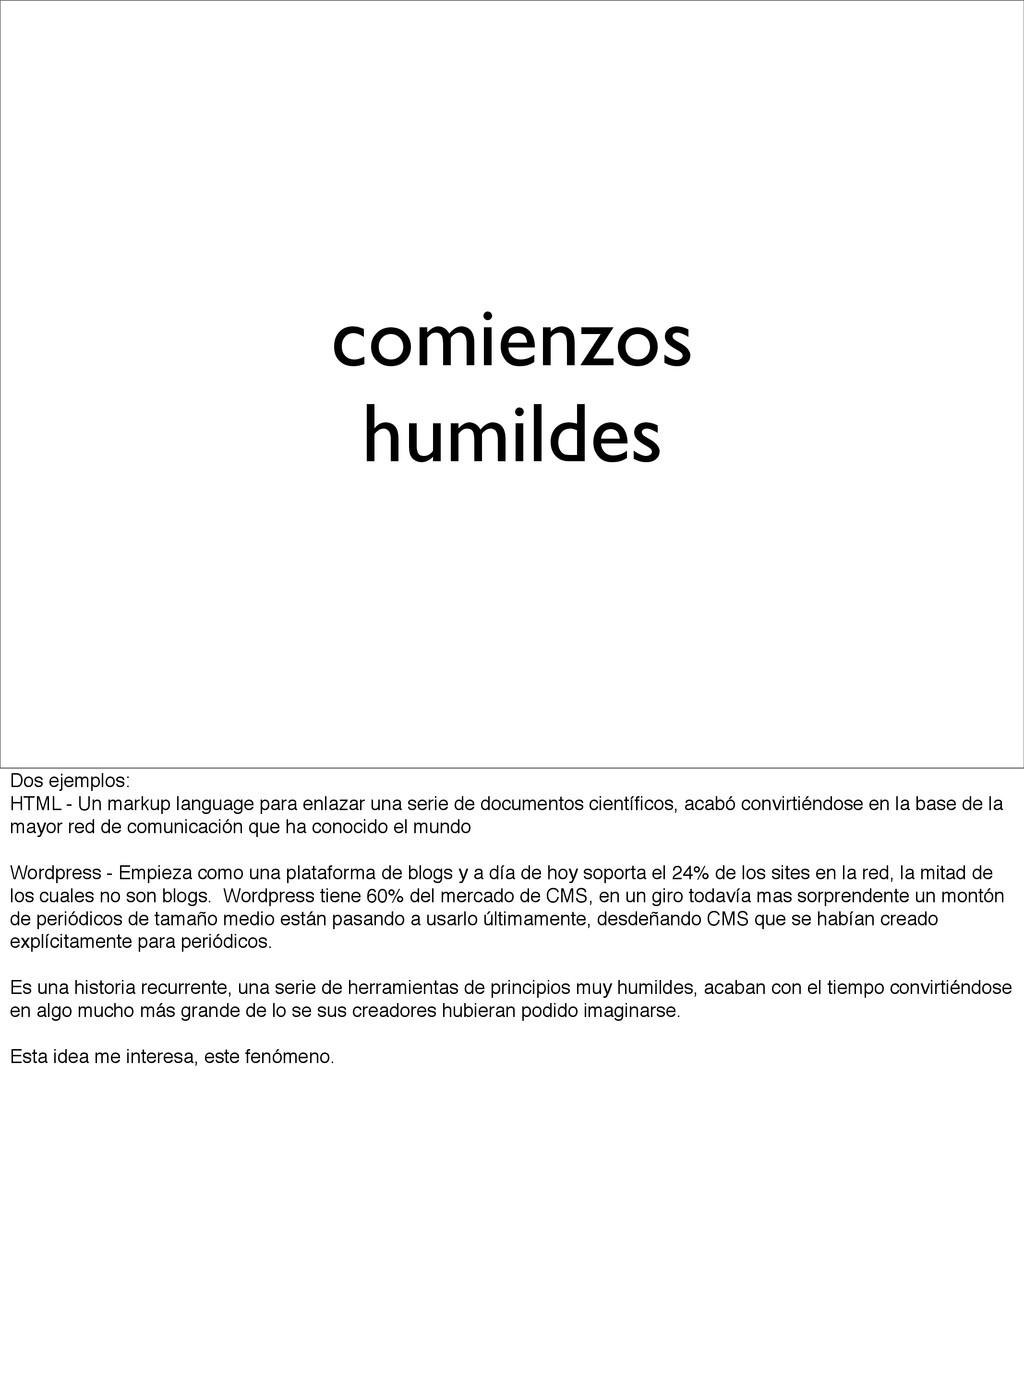 comienzos humildes Dos ejemplos: HTML - Un mark...